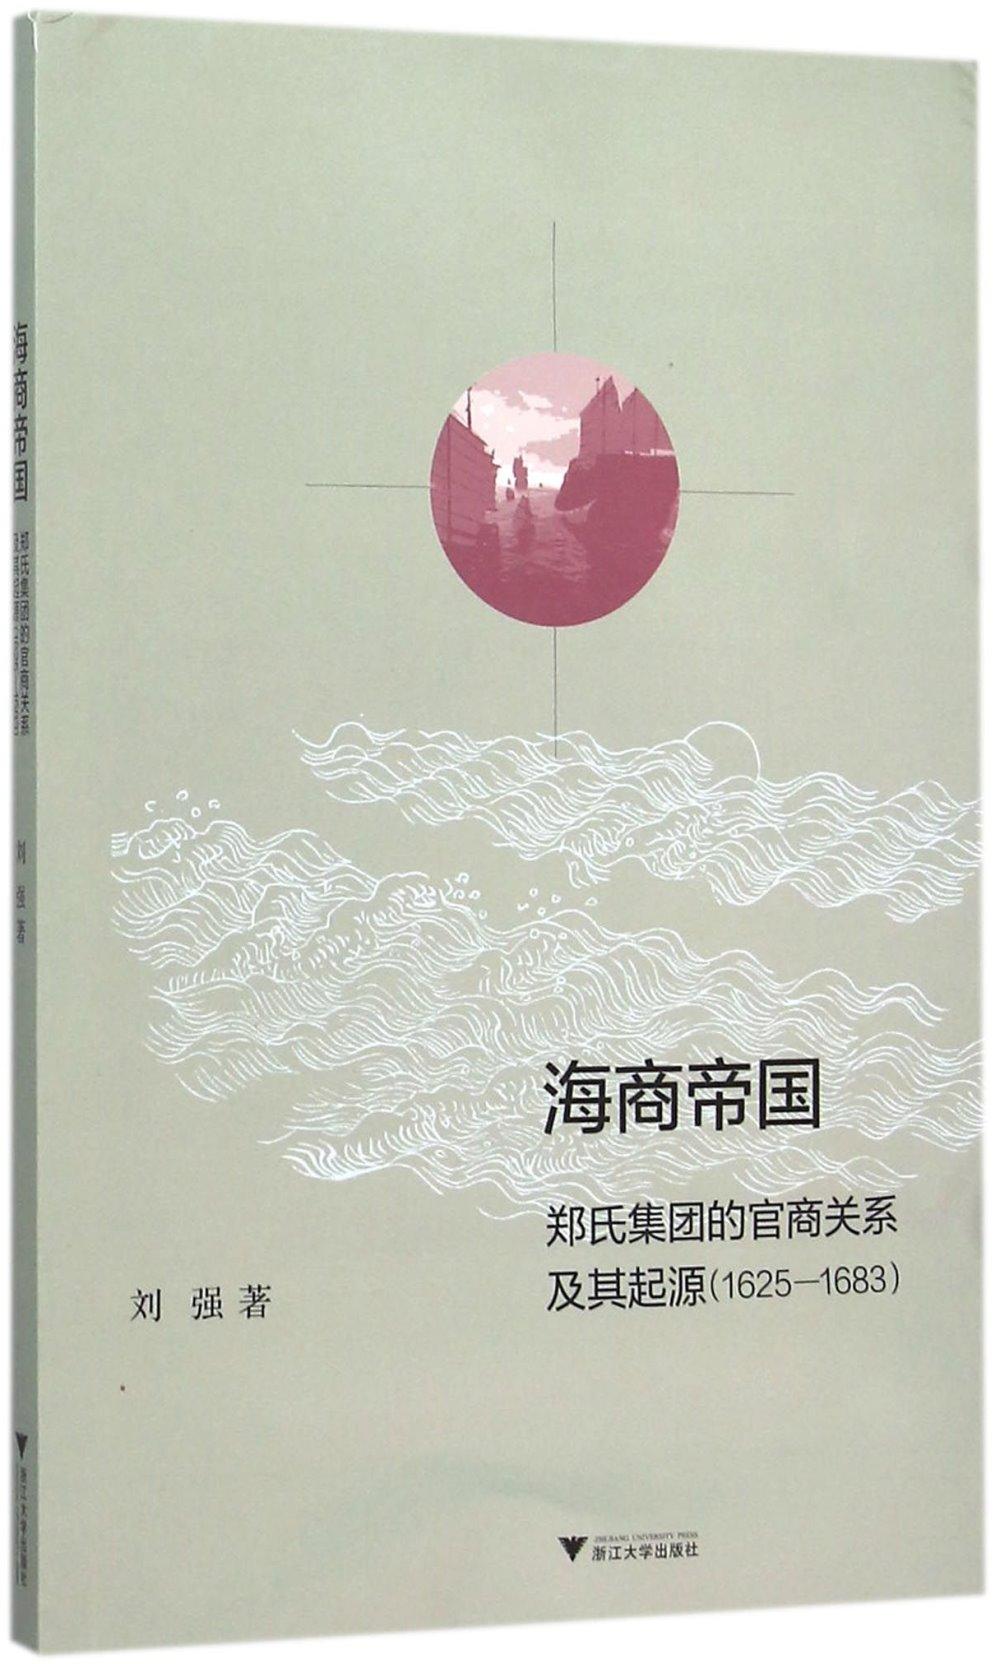 海商帝國:鄭氏集團的官商關系及其起源^(1625~1683^)